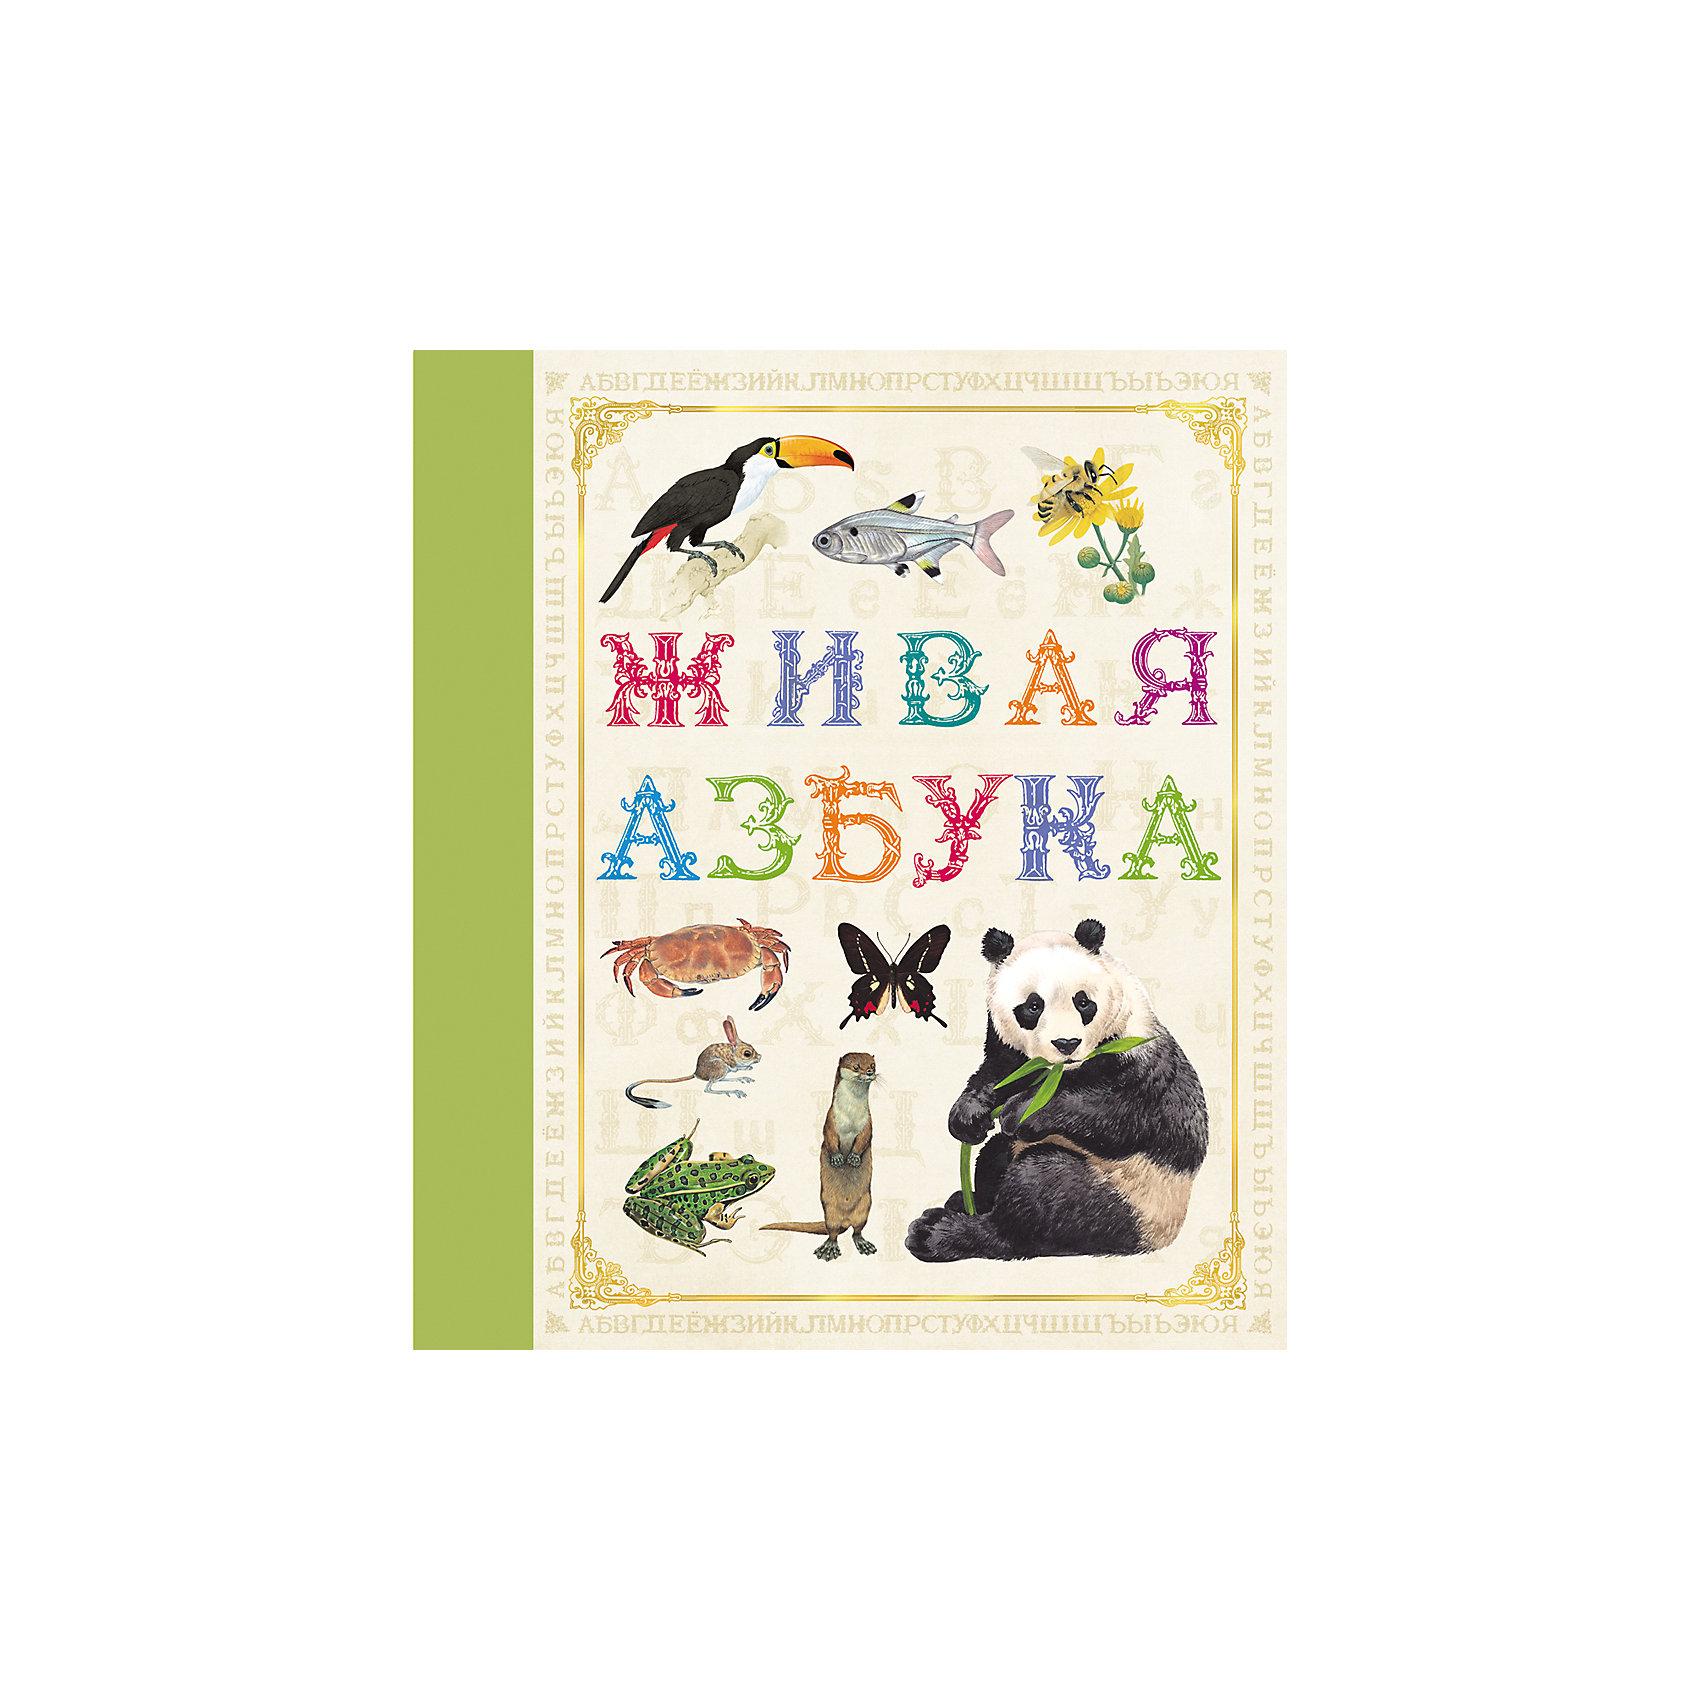 Живая азбукаНевероятной красоты иллюстрированная обучающая книга&#13;<br>ЖИВАЯ АЗБУКА&#13;<br>познакомит малыша не только с алфавитом, но и с великим разнообразием мира животных.&#13;<br>А кроме того, подарит эстетическое удовольствие как ребенку, так и его родителям.&#13;<br>&#13;<br>Богатейшая коллекция красочных изображений животных!&#13;<br>Более 100 потрясающих иллюстраций!&#13;<br>Увлекательное путешествие в мир знаний и красоты!<br><br>Ширина мм: 245<br>Глубина мм: 215<br>Высота мм: 7<br>Вес г: 257<br>Возраст от месяцев: 60<br>Возраст до месяцев: 2147483647<br>Пол: Унисекс<br>Возраст: Детский<br>SKU: 4720602